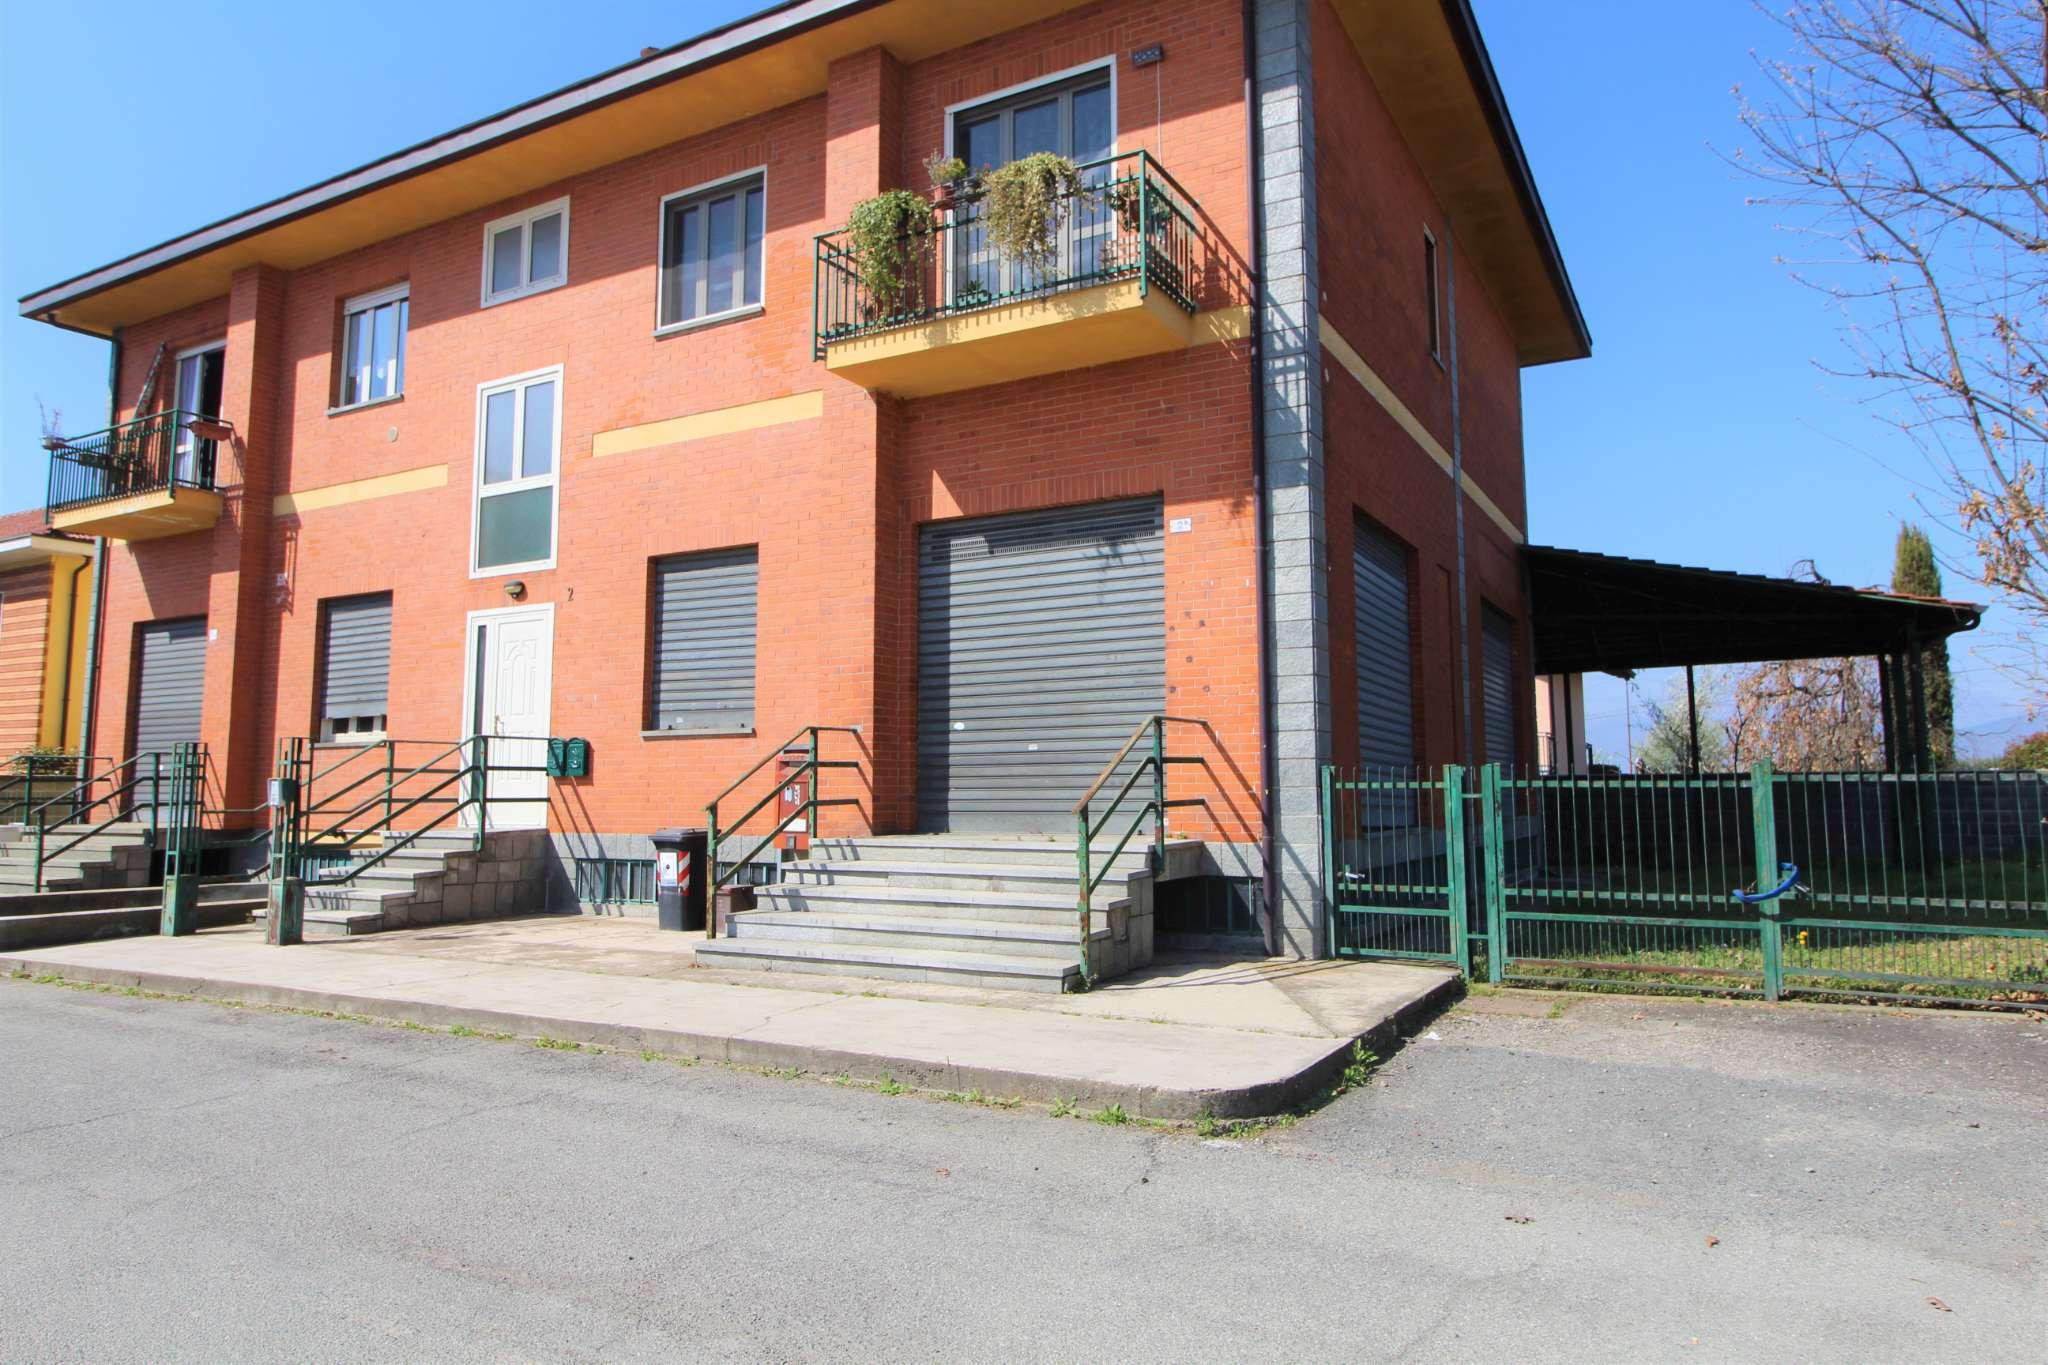 Negozio / Locale in vendita a Candiolo, 9999 locali, prezzo € 108.000 | PortaleAgenzieImmobiliari.it